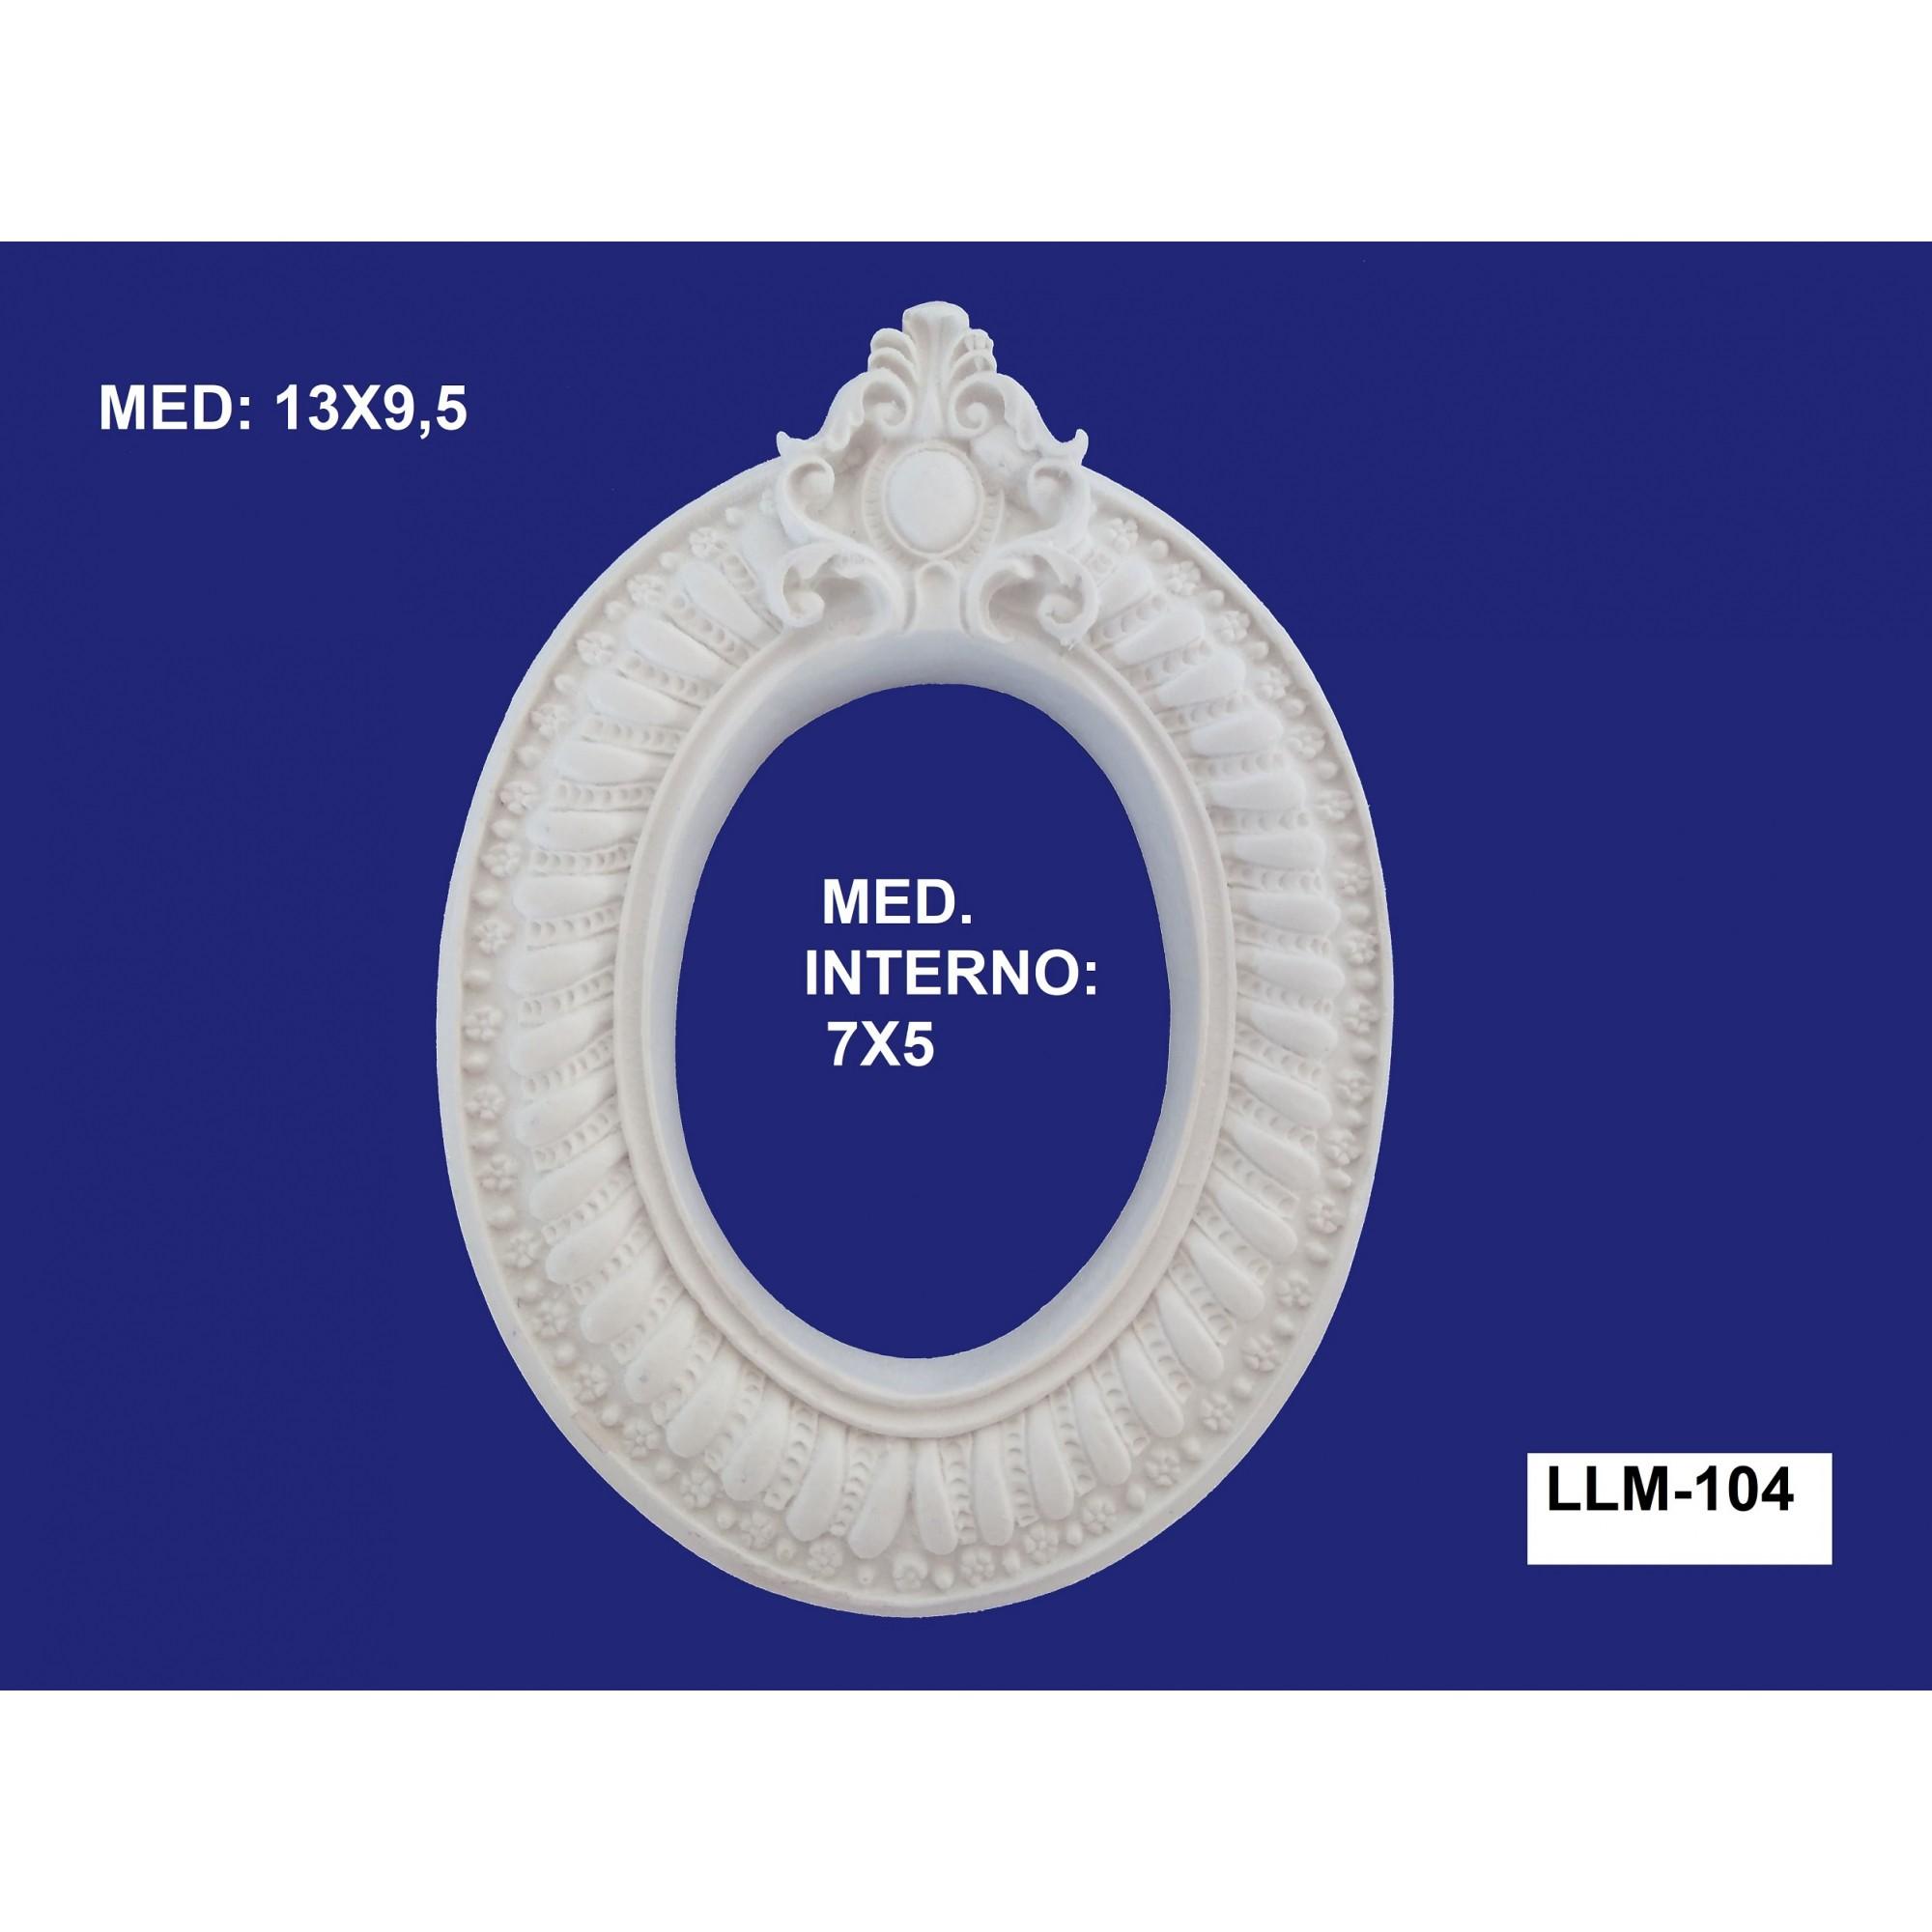 LLM-104 MOLDURA 13X9,5 INT: 07X05CM